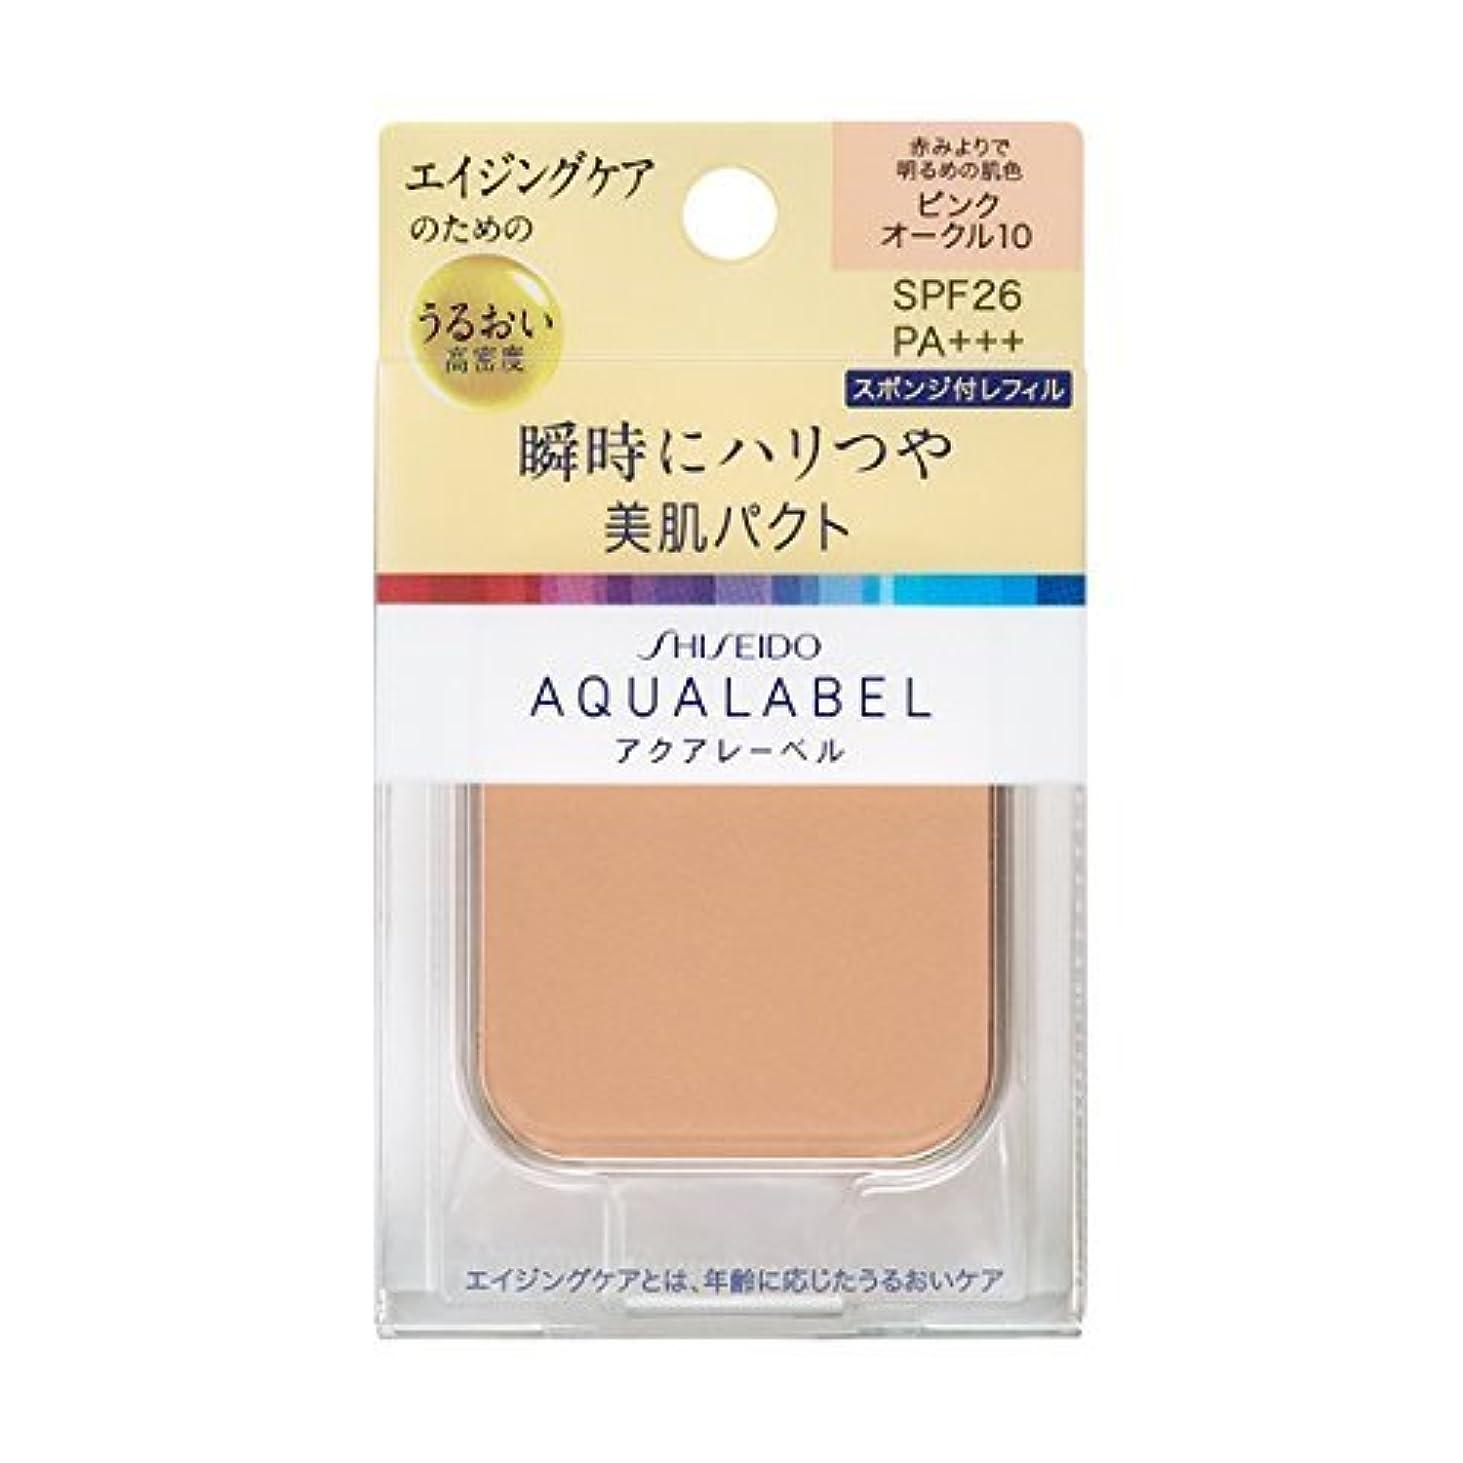 仕事に行く比率試すアクアレーベル 明るいつや肌パクト ピンクオークル10 (レフィル) 11.5g×6個